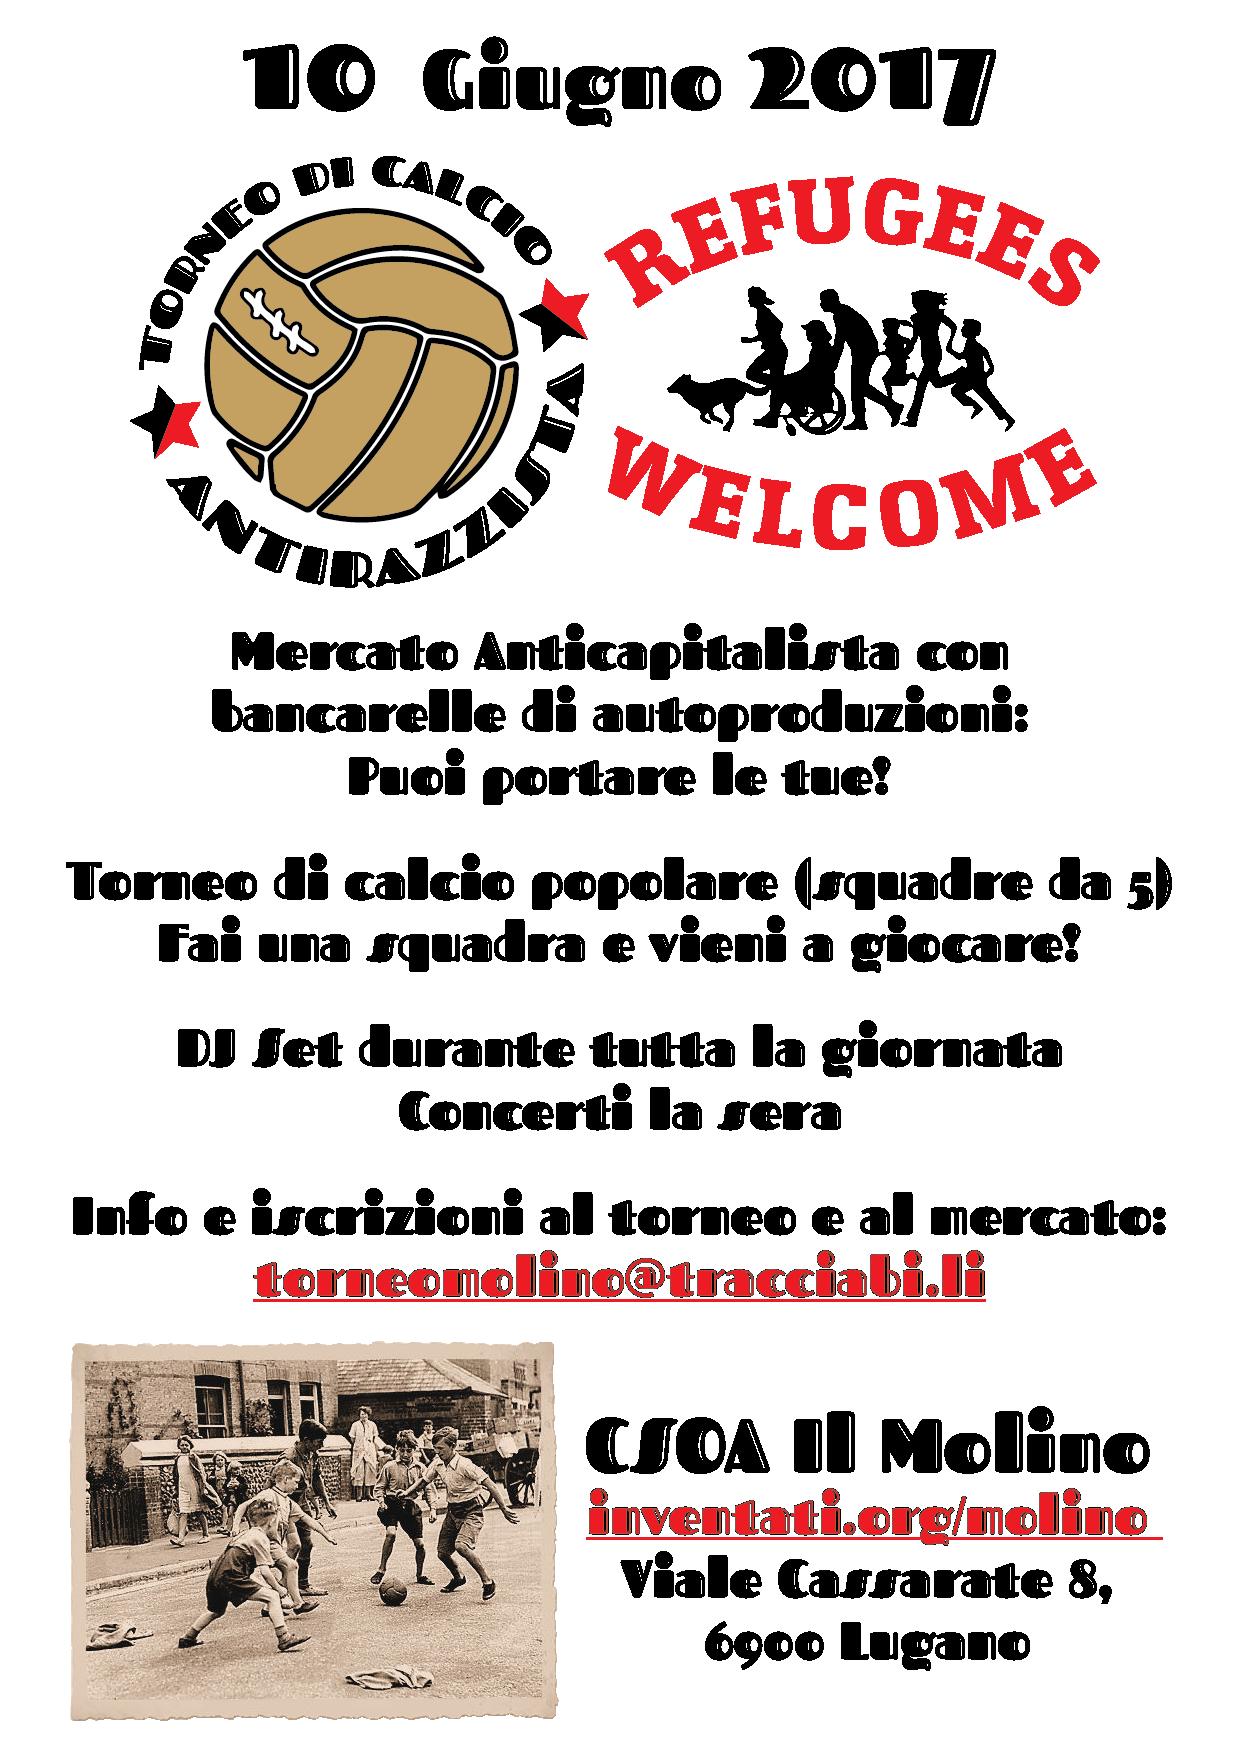 10.06.2017 - Torneo di Calcio Antirazzista e Mercato popolare anticapitalista 2